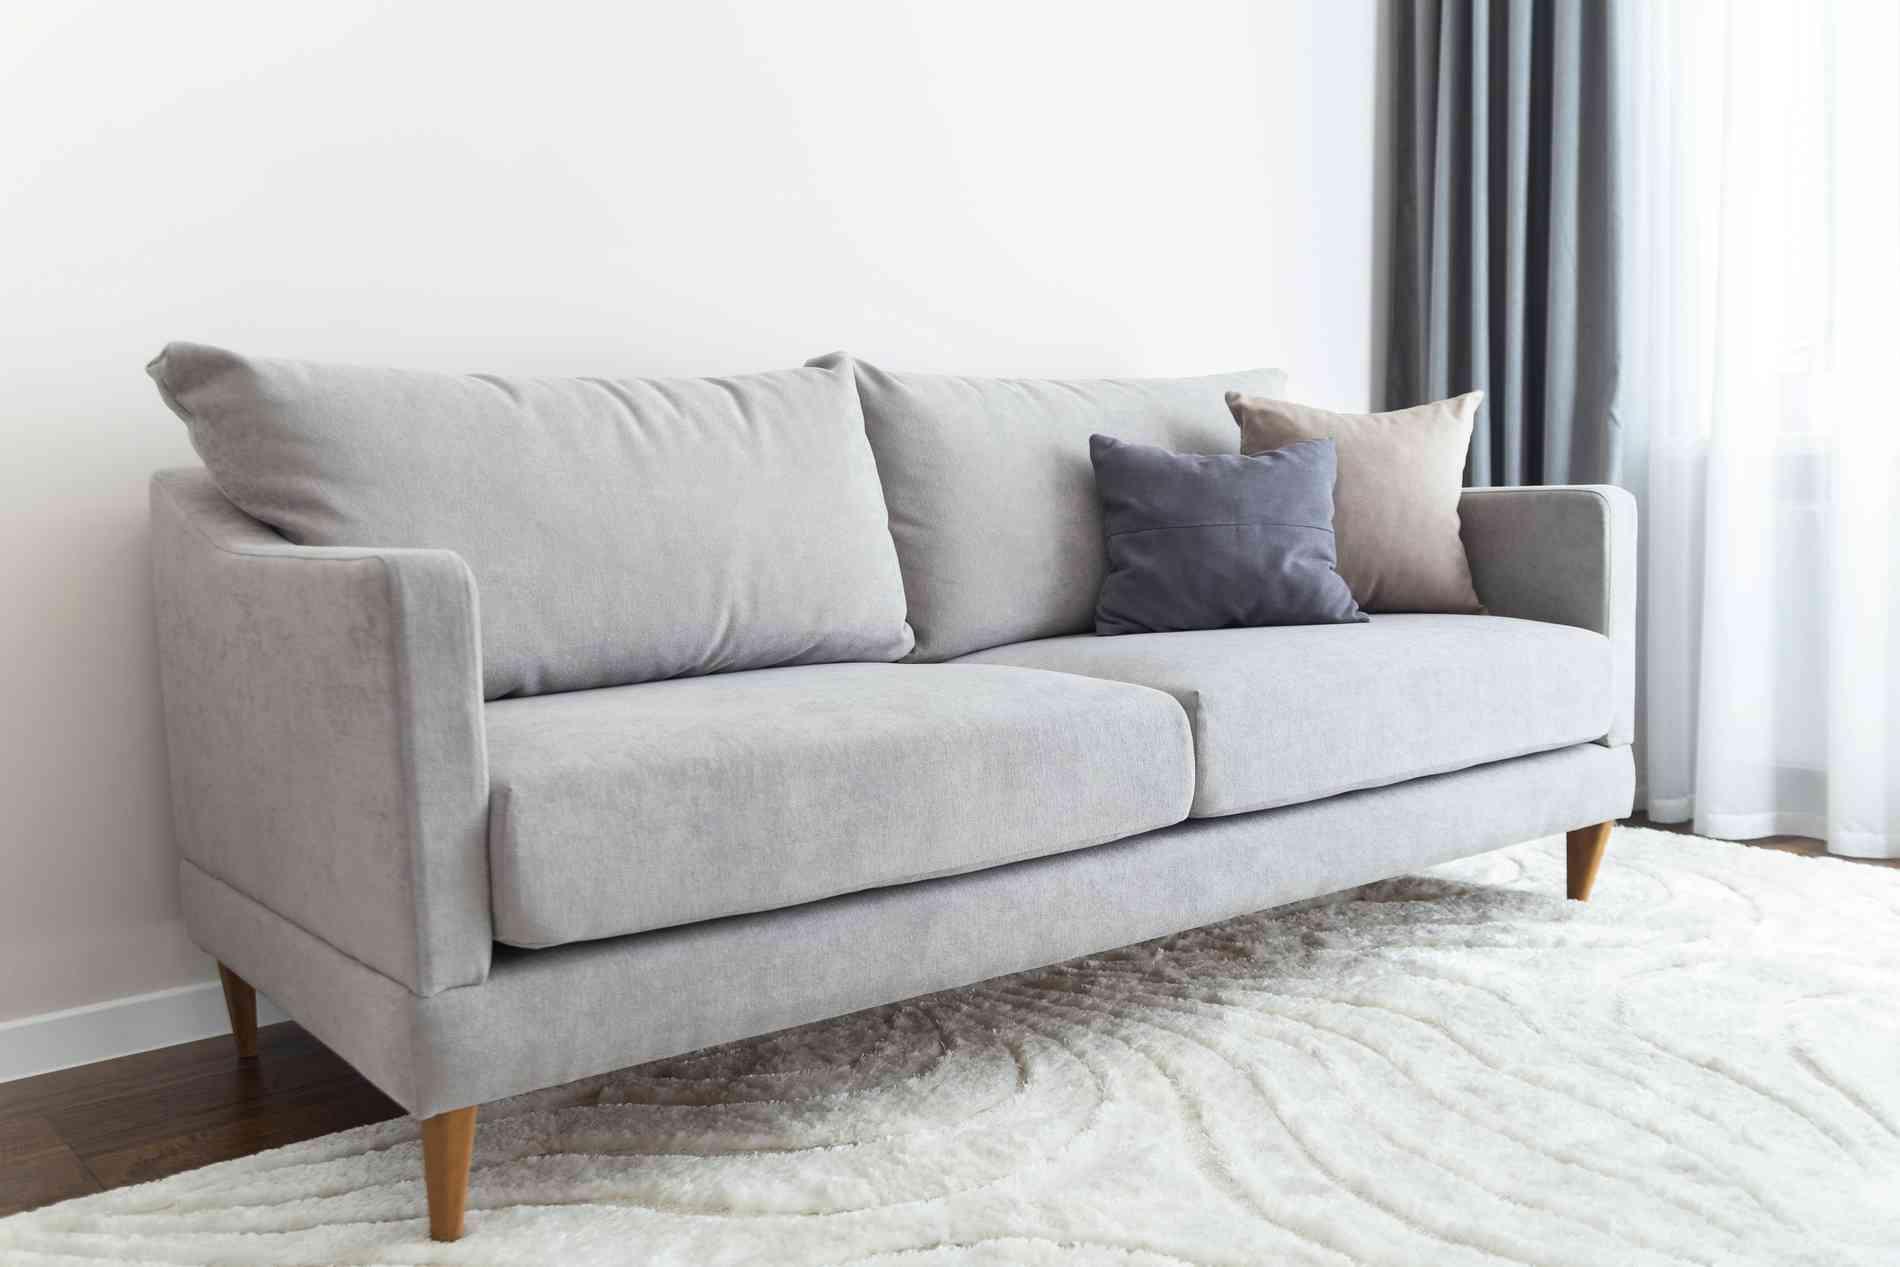 Aprenda a limpar o sofá - Freepik